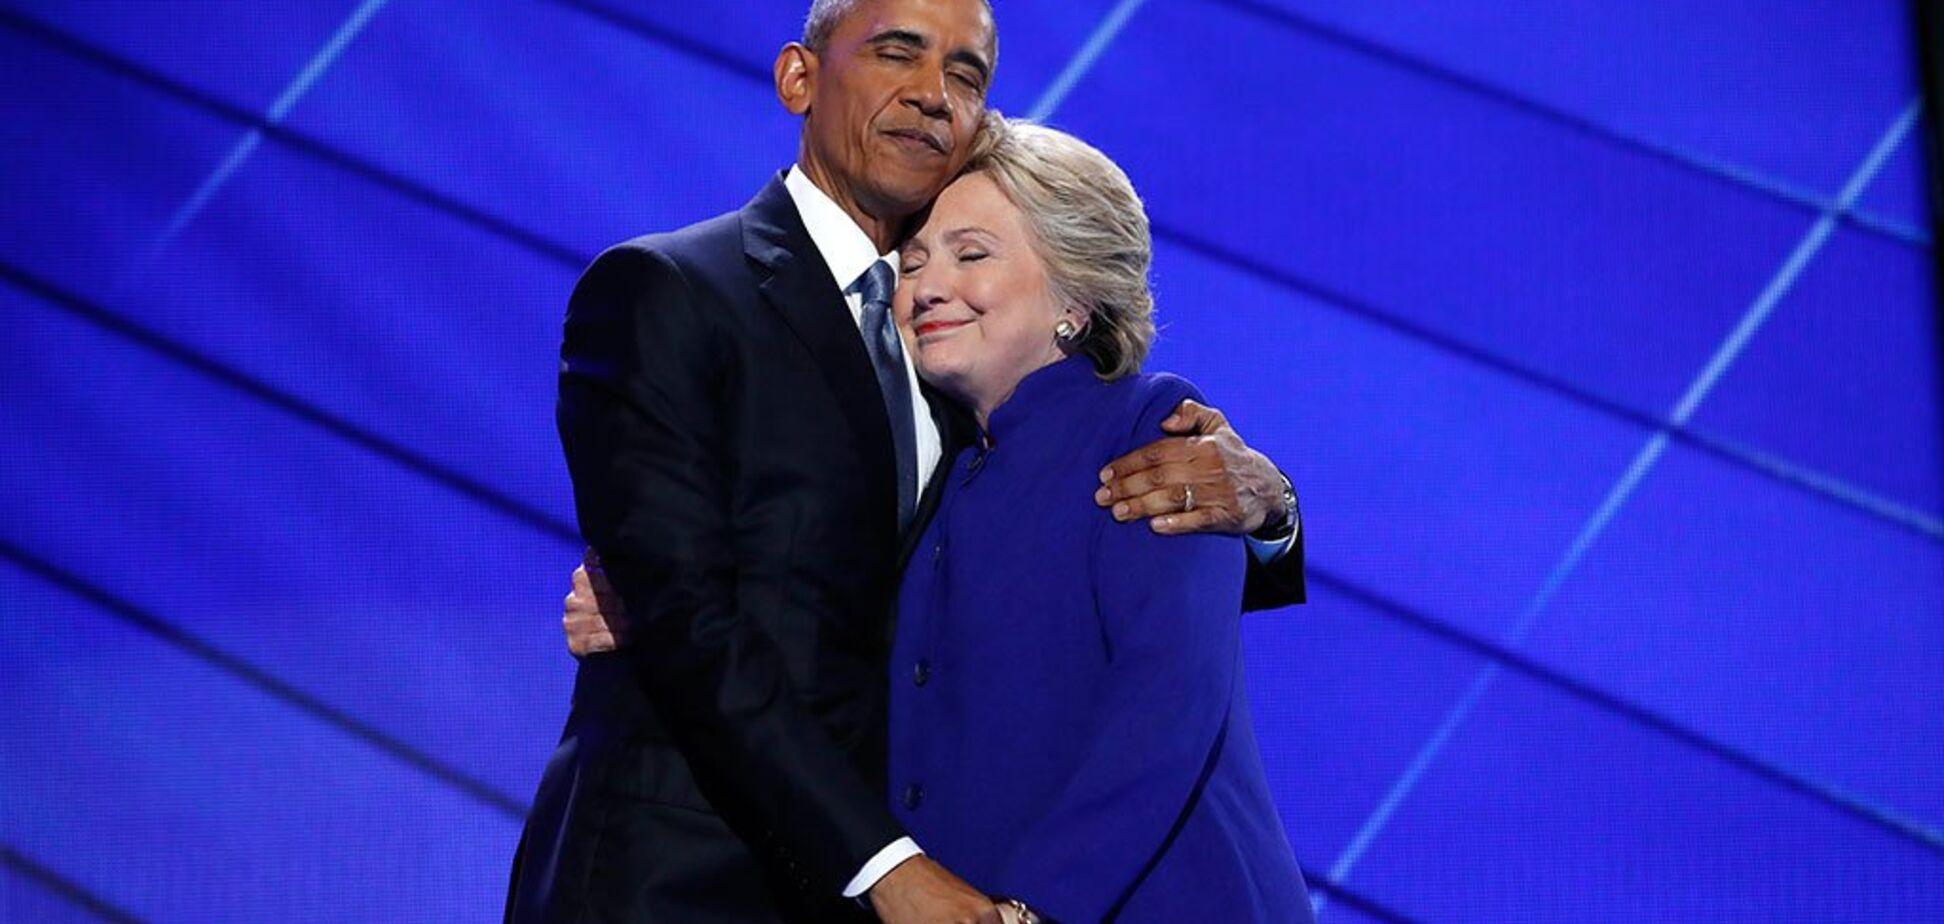 Хто прислав вибухівку Обамі та Клінтонам: експерт дав відповідь